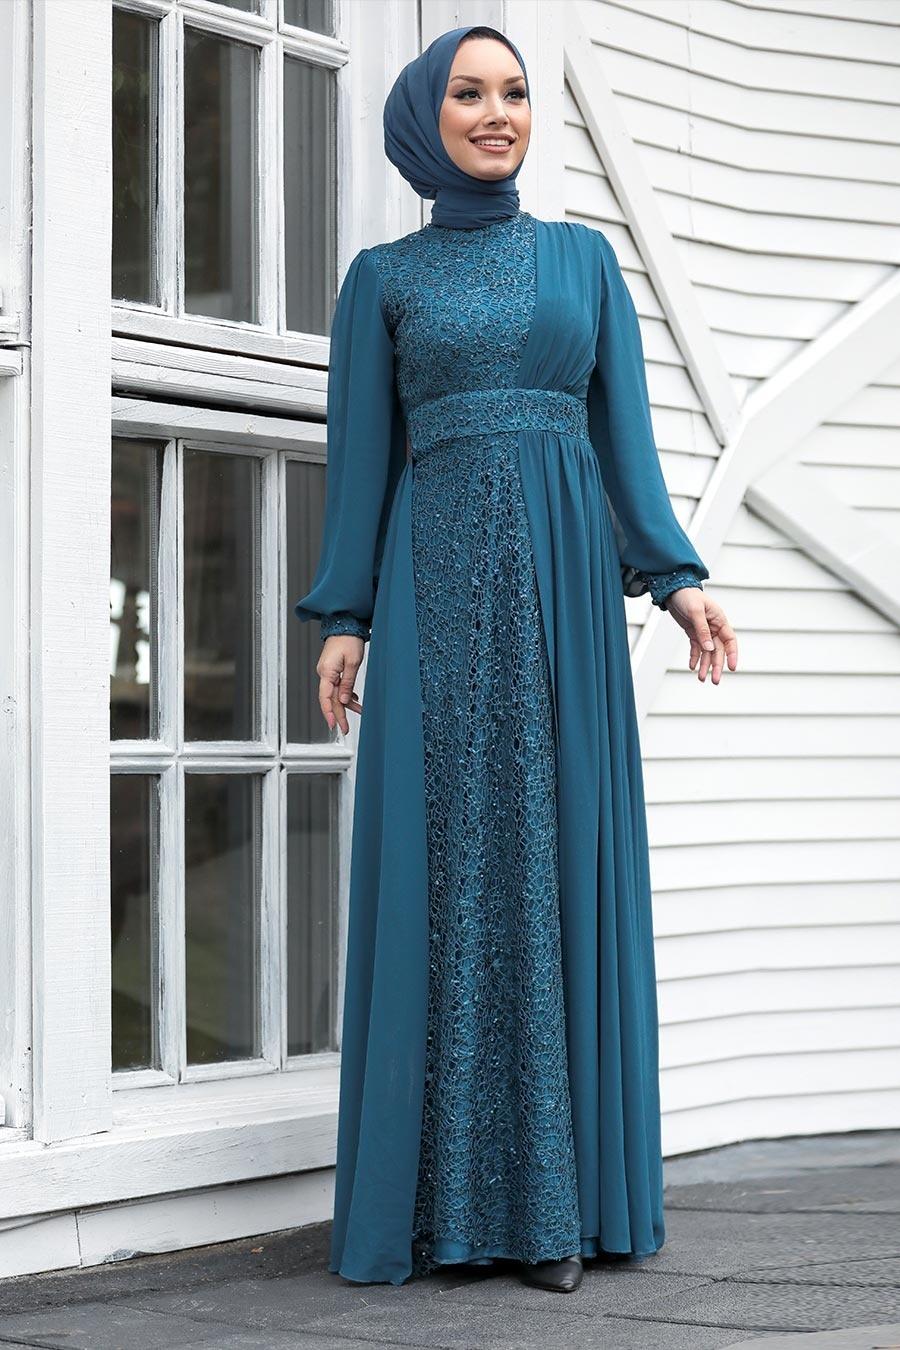 Tesettür Abiye Elbise - Pul Payetli İndigo Mavisi Tesettür Abiye Elbise 5408IM